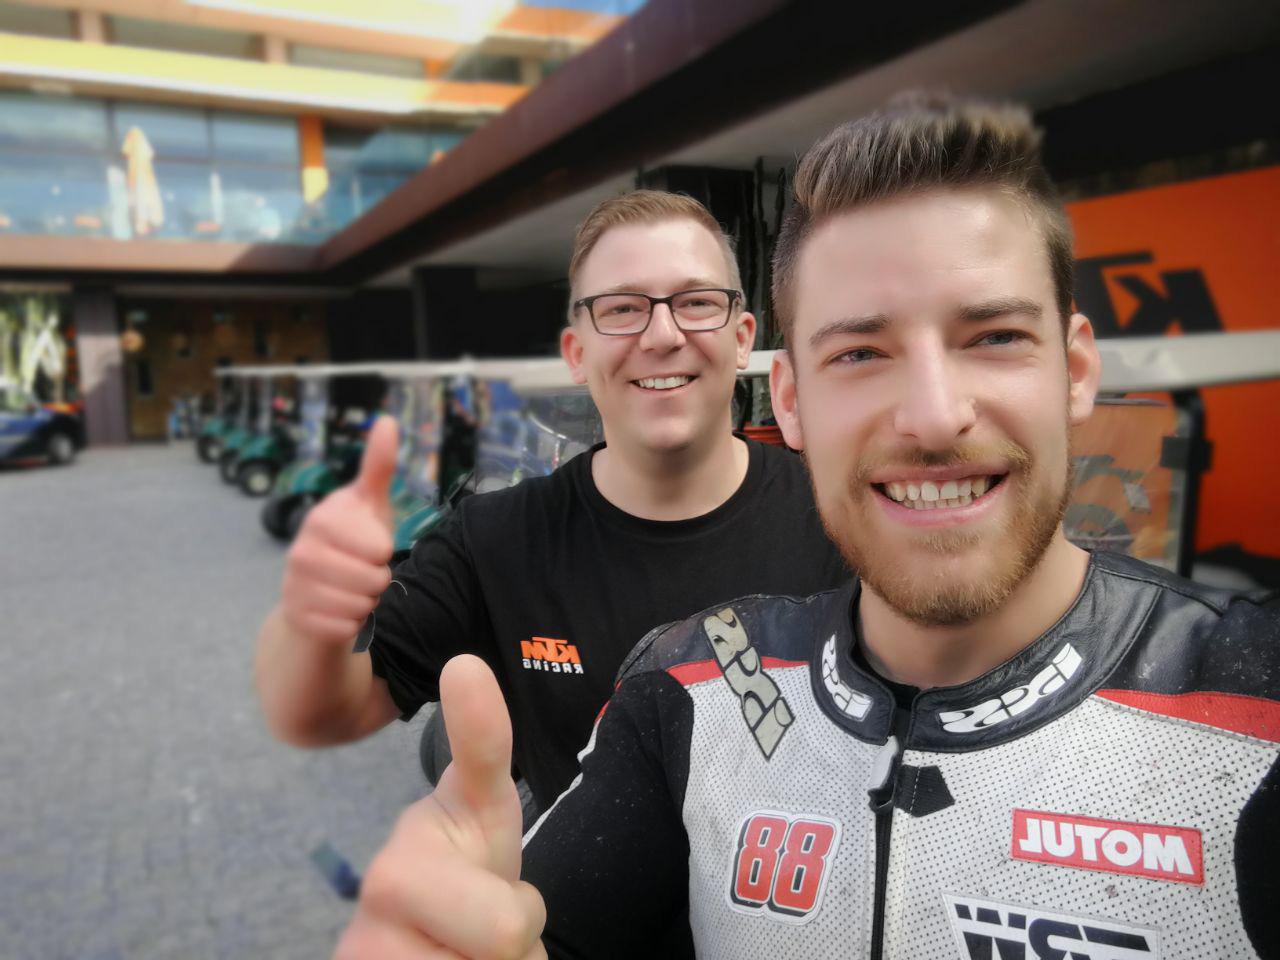 KTM Händlertagung 2018 Gran Canaria